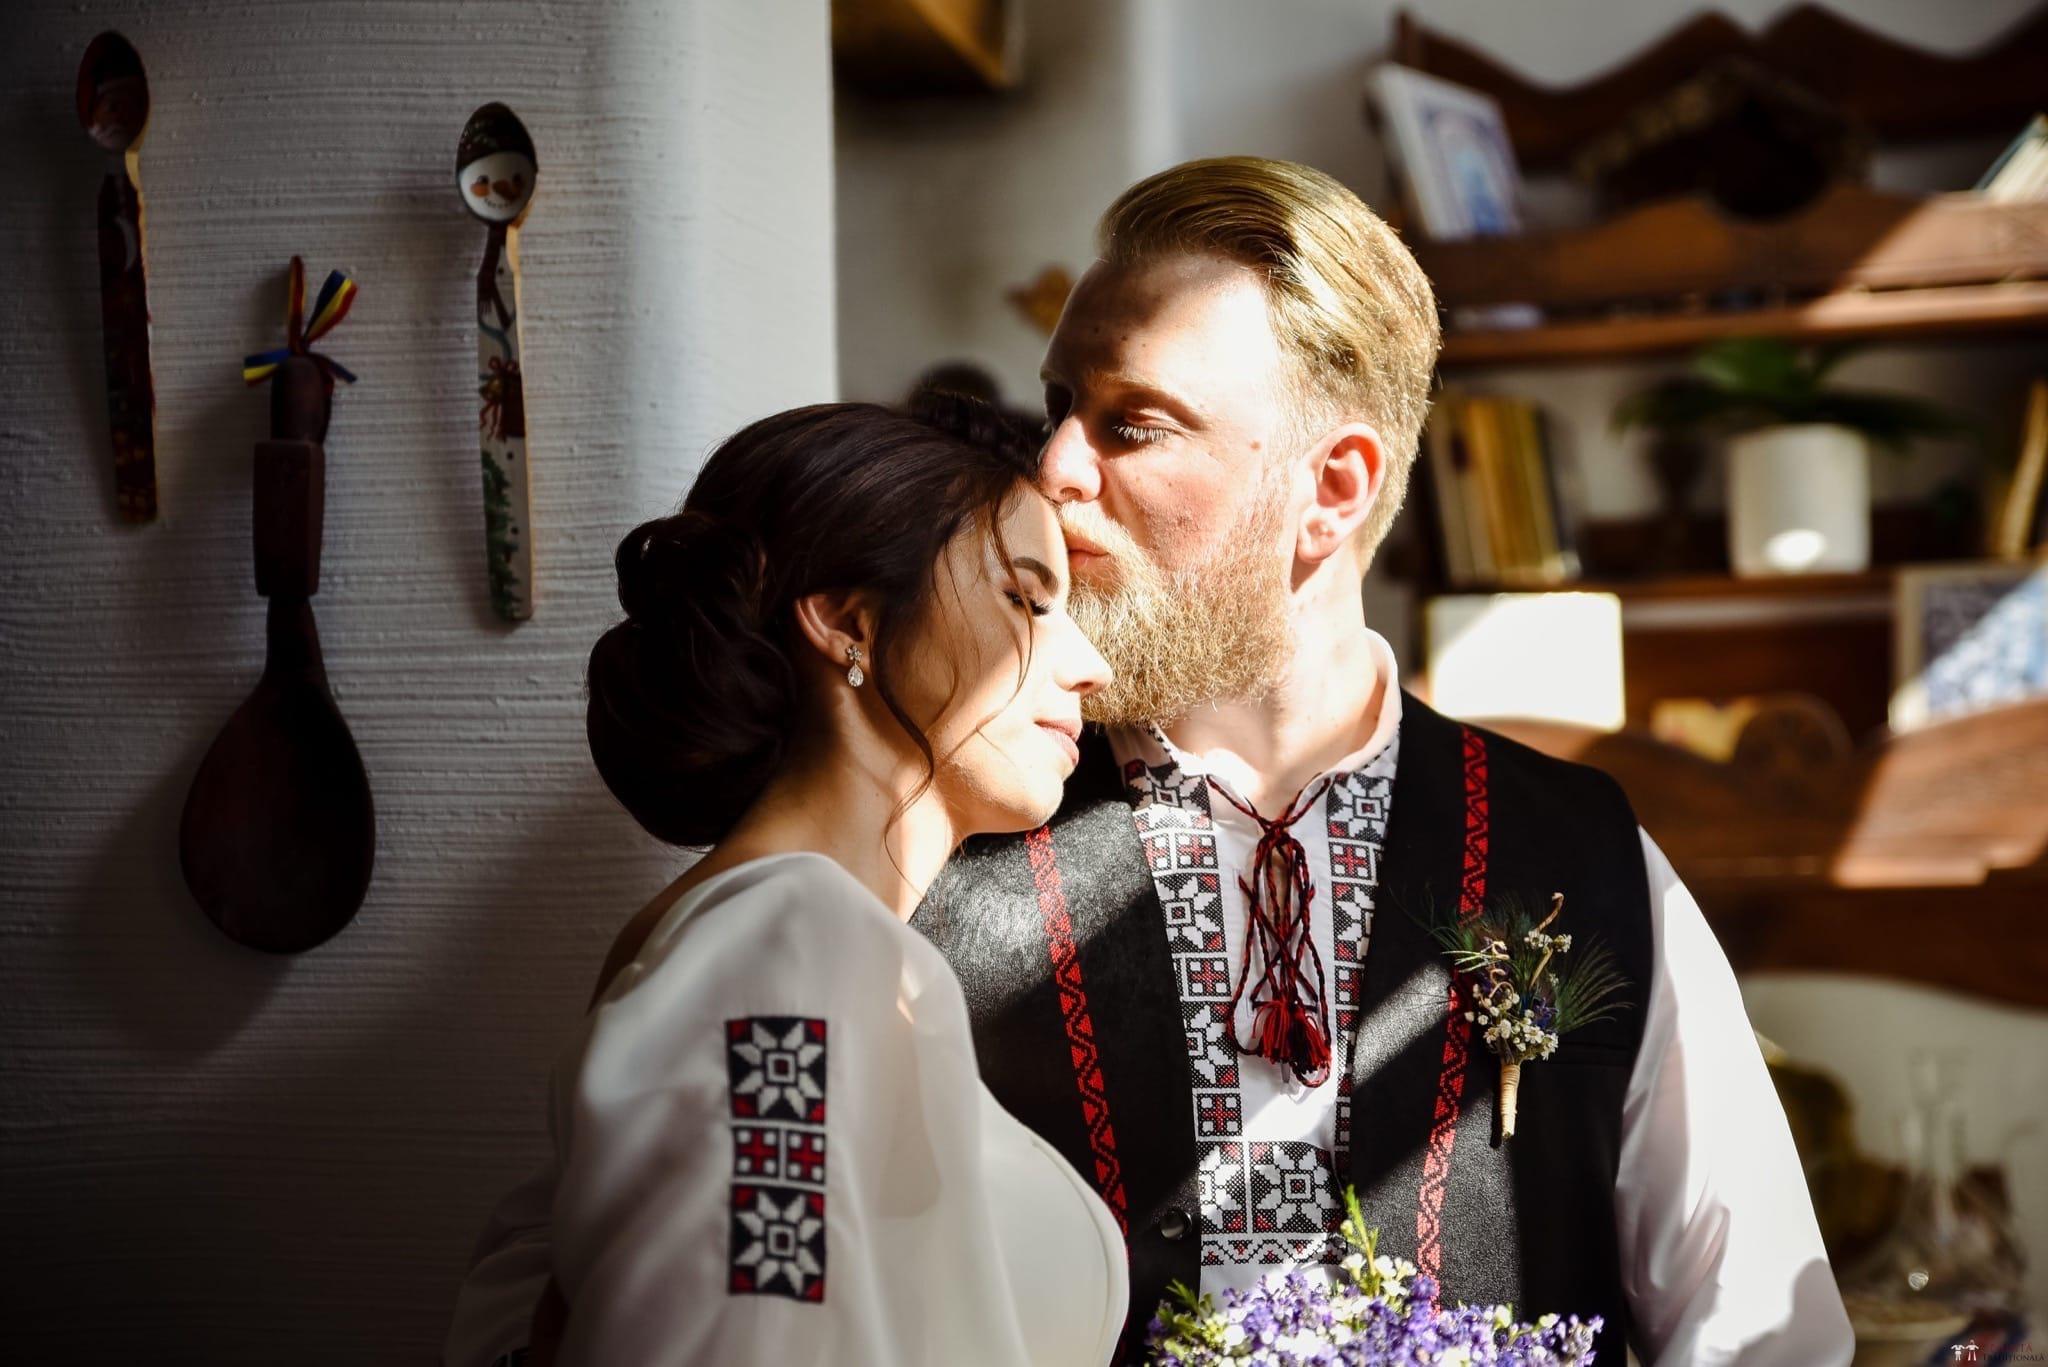 Povești Nunți Tradiționale - Georgiana și Andrei, nuntă tradițională în Iași 12